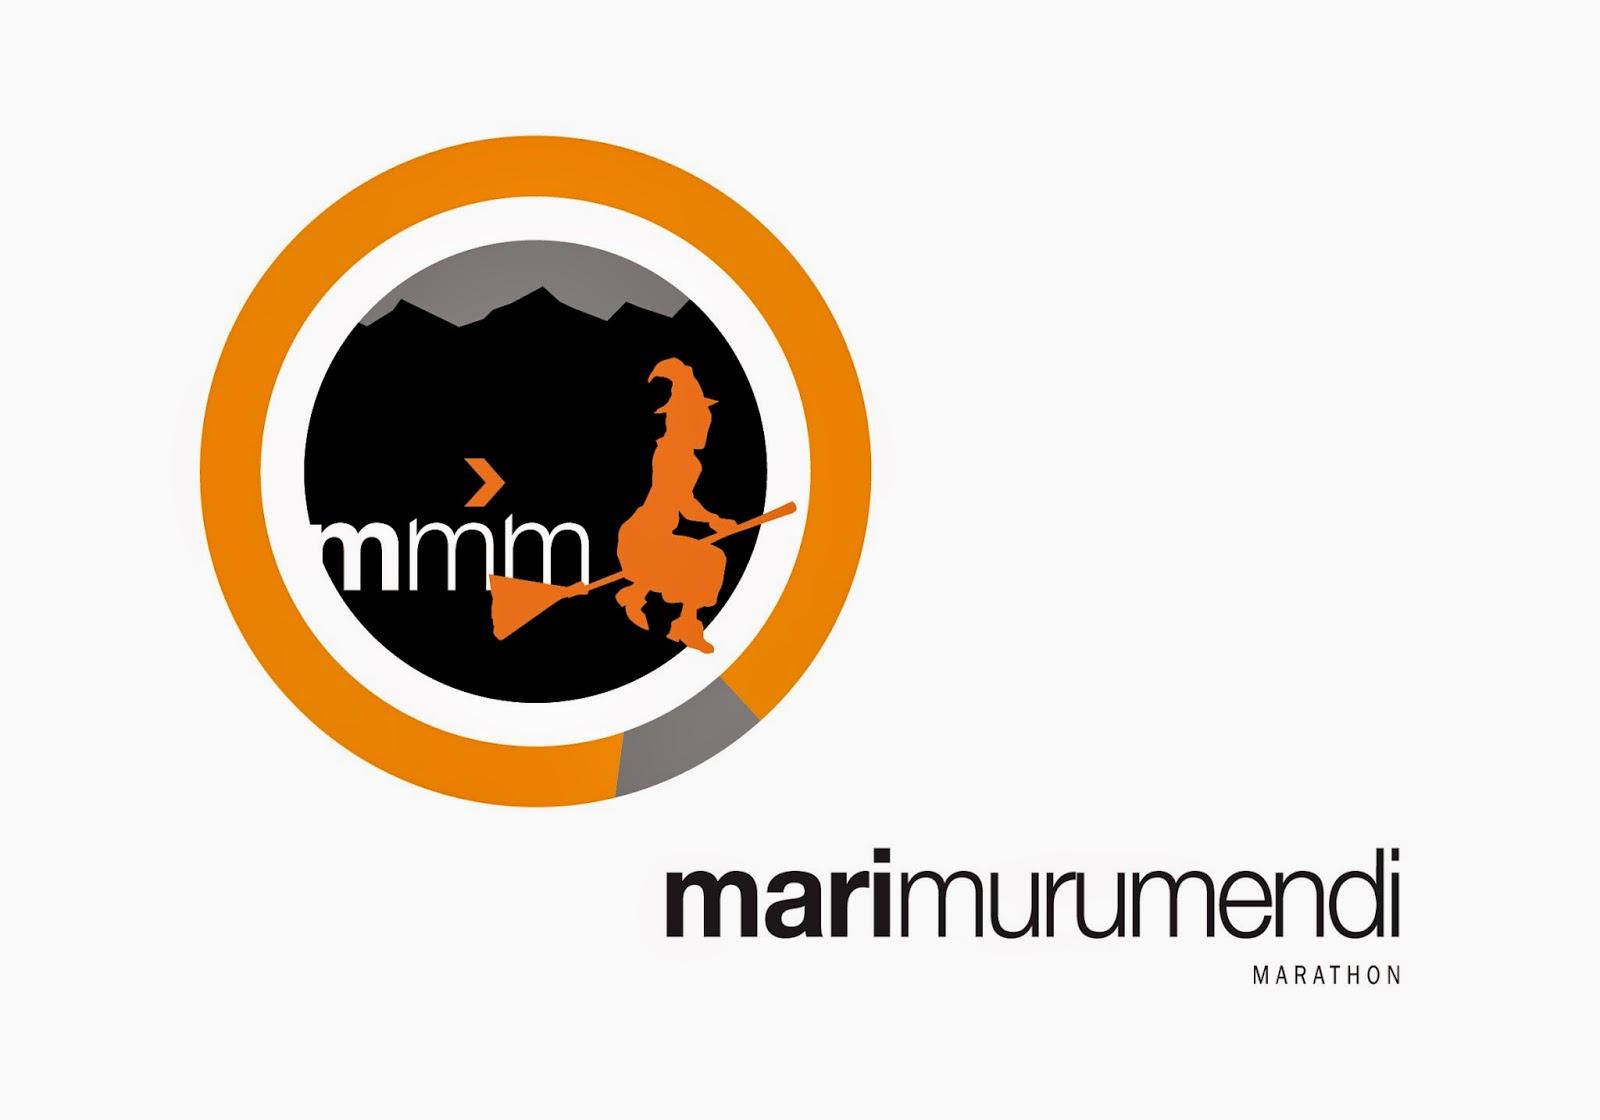 http://www.ehunmilak.com/eu/marimurumendi/